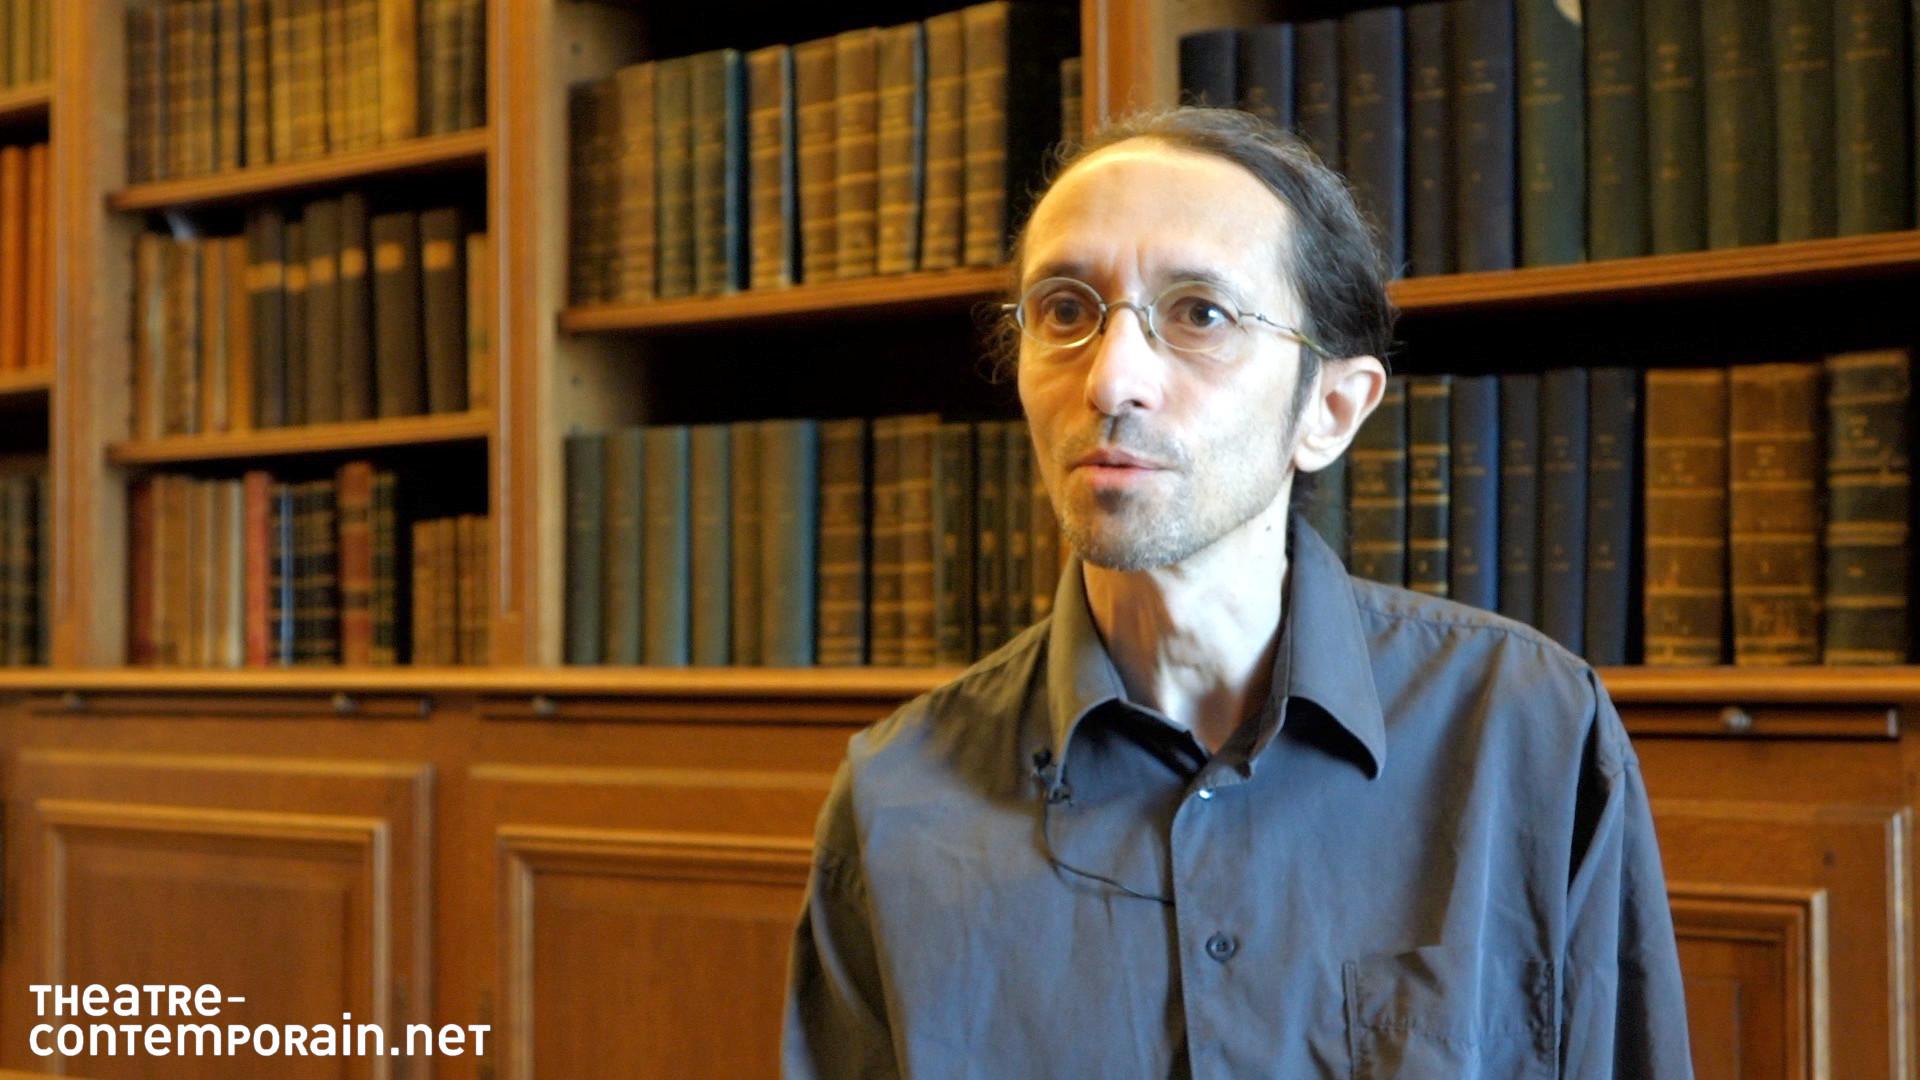 Image de la vidéo pour 'Coaching littéraire'